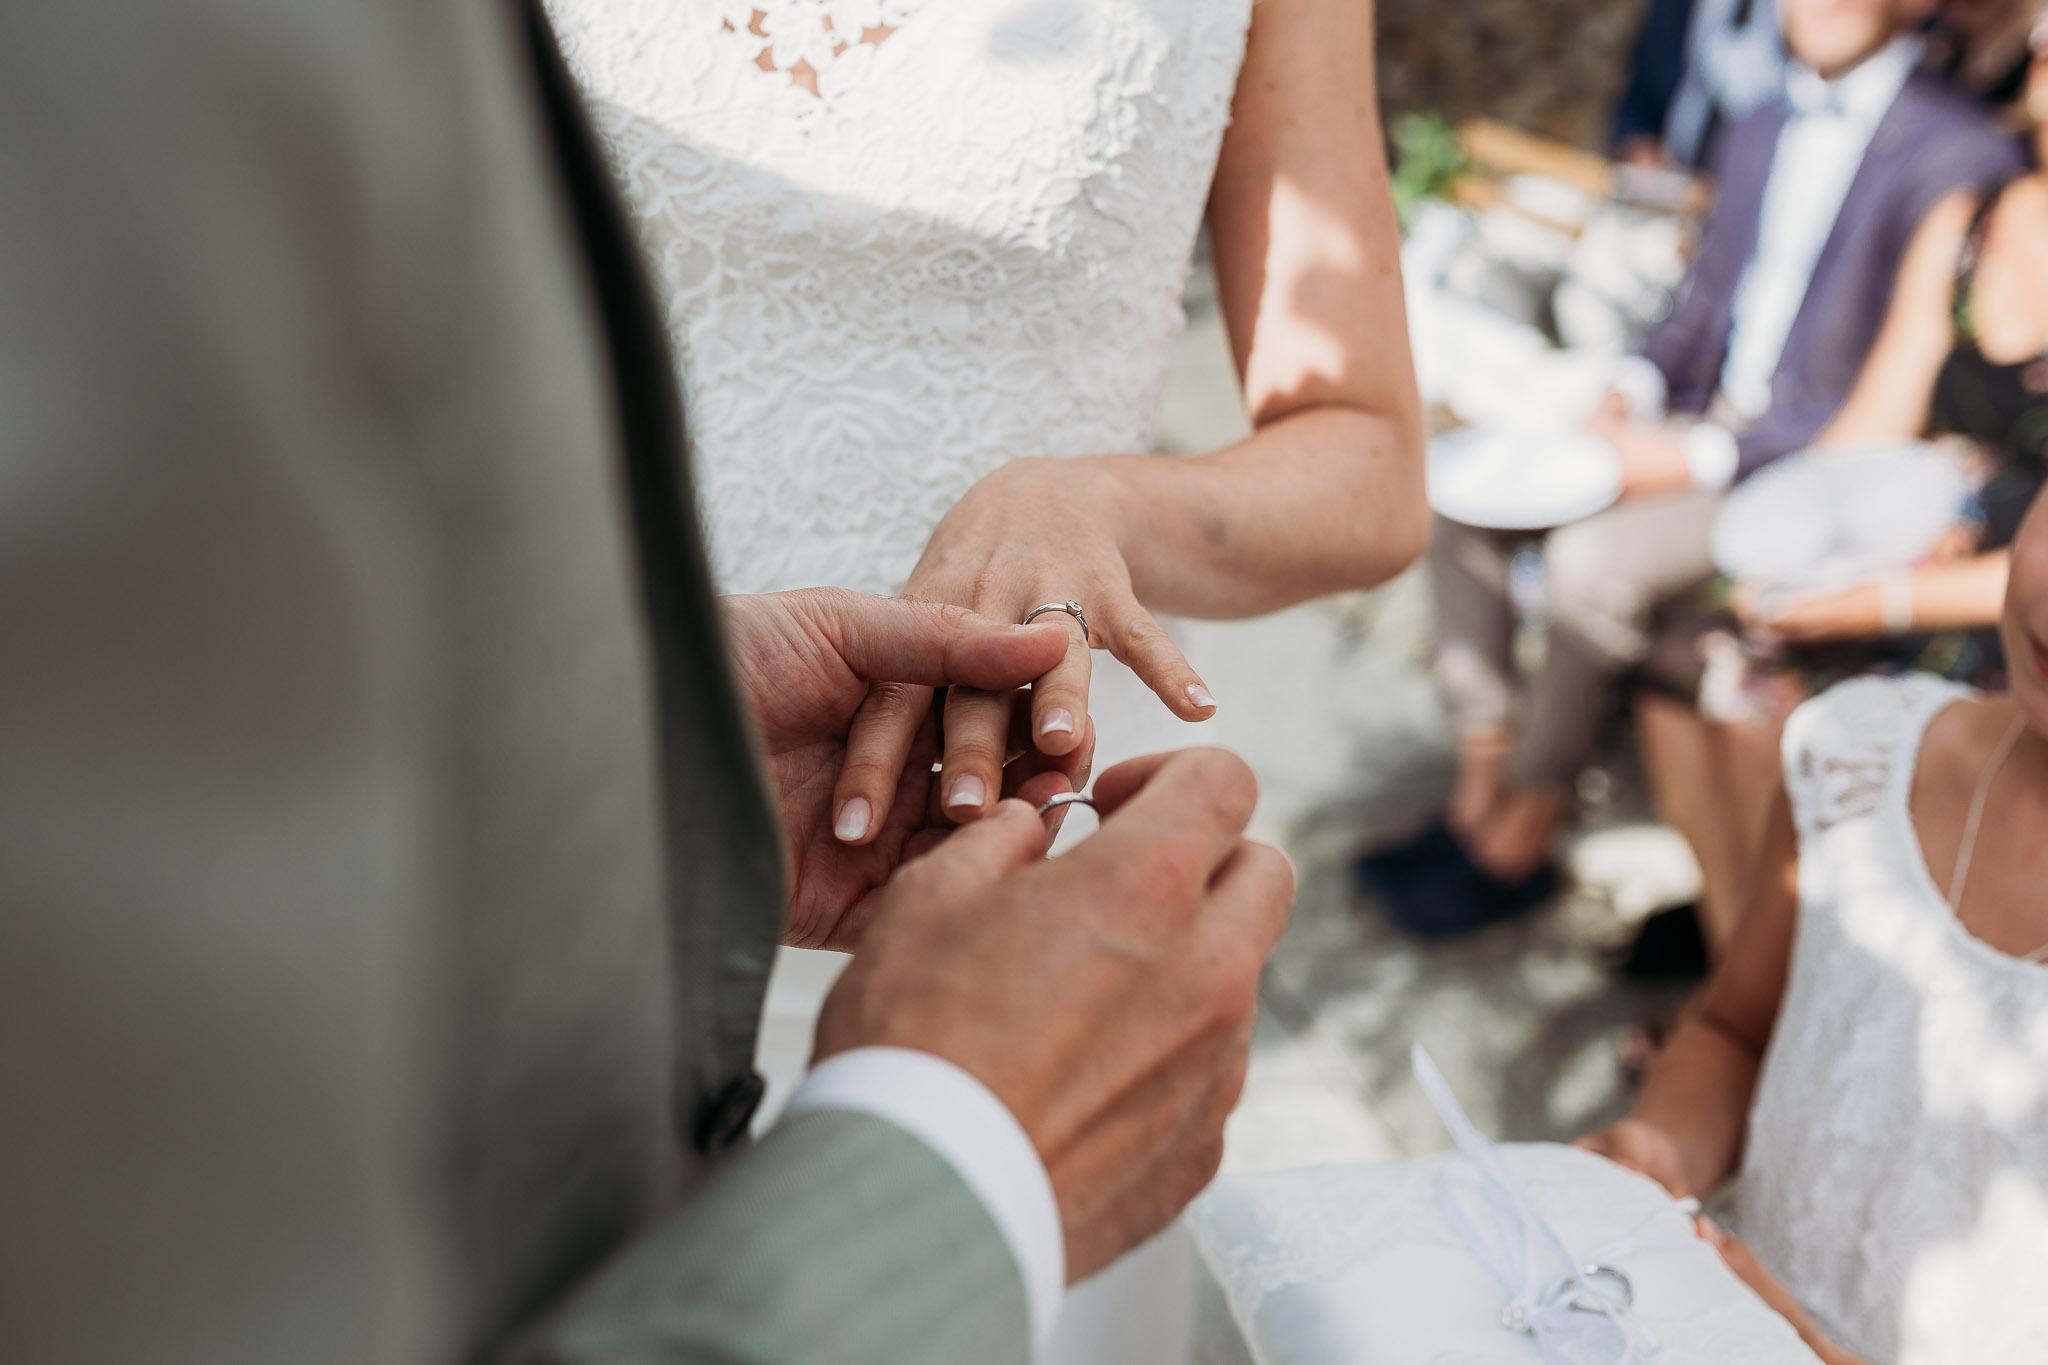 Wedding rings during the ceremony at La Villa Hotel, Mombaruzzo